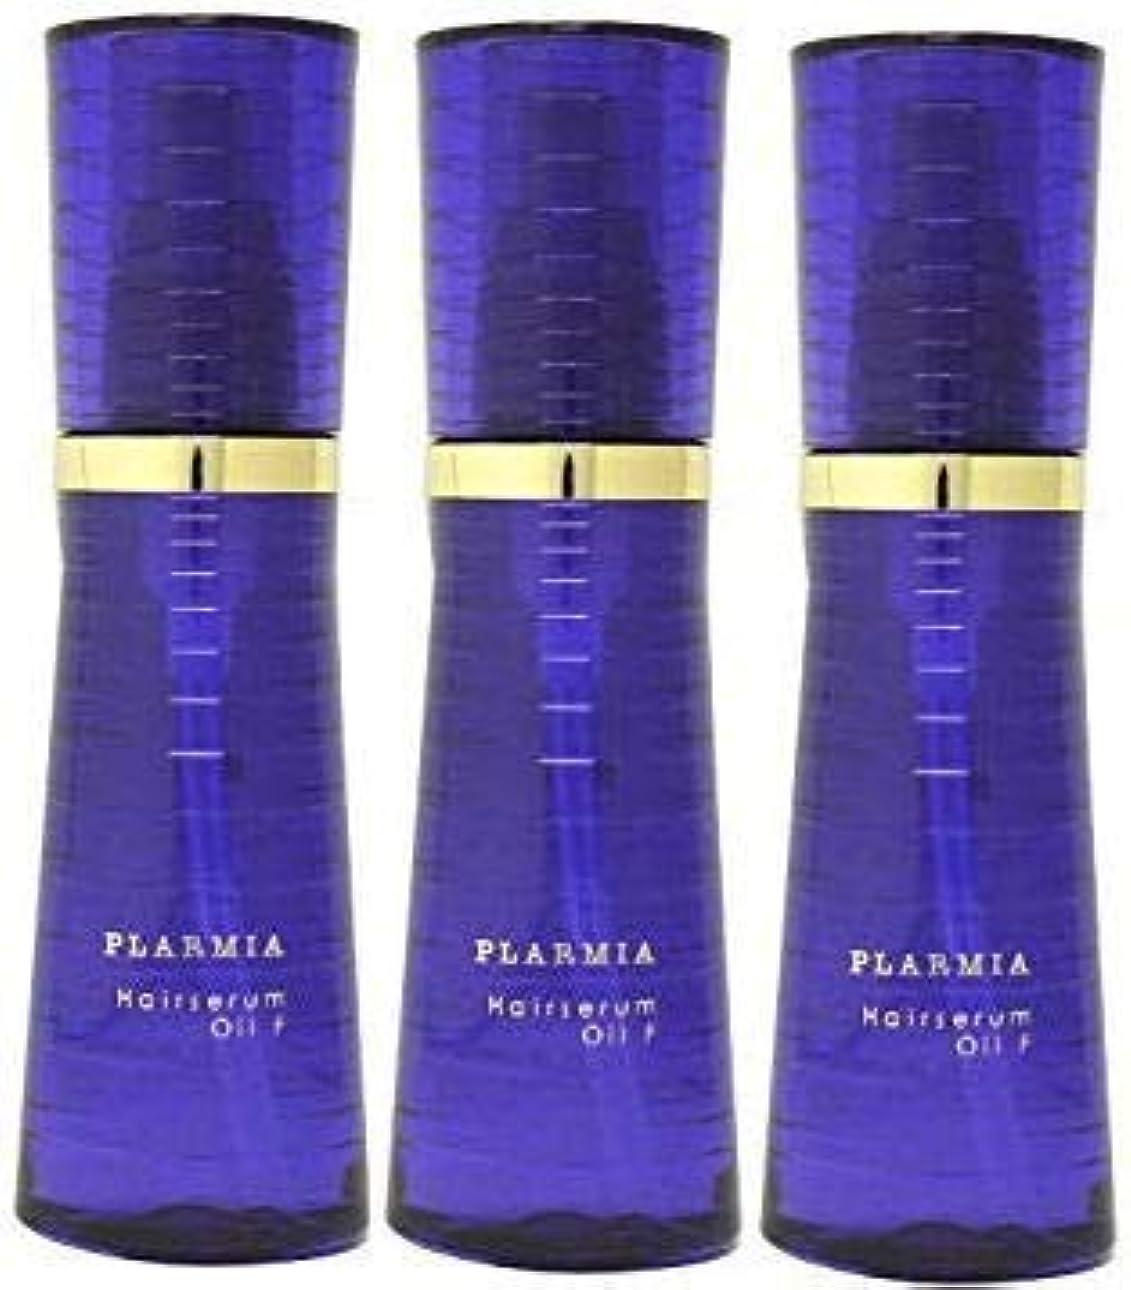 涙が出るナチュラル旋律的【3個セット】プラーミア ヘアセラムオイル F 120mL